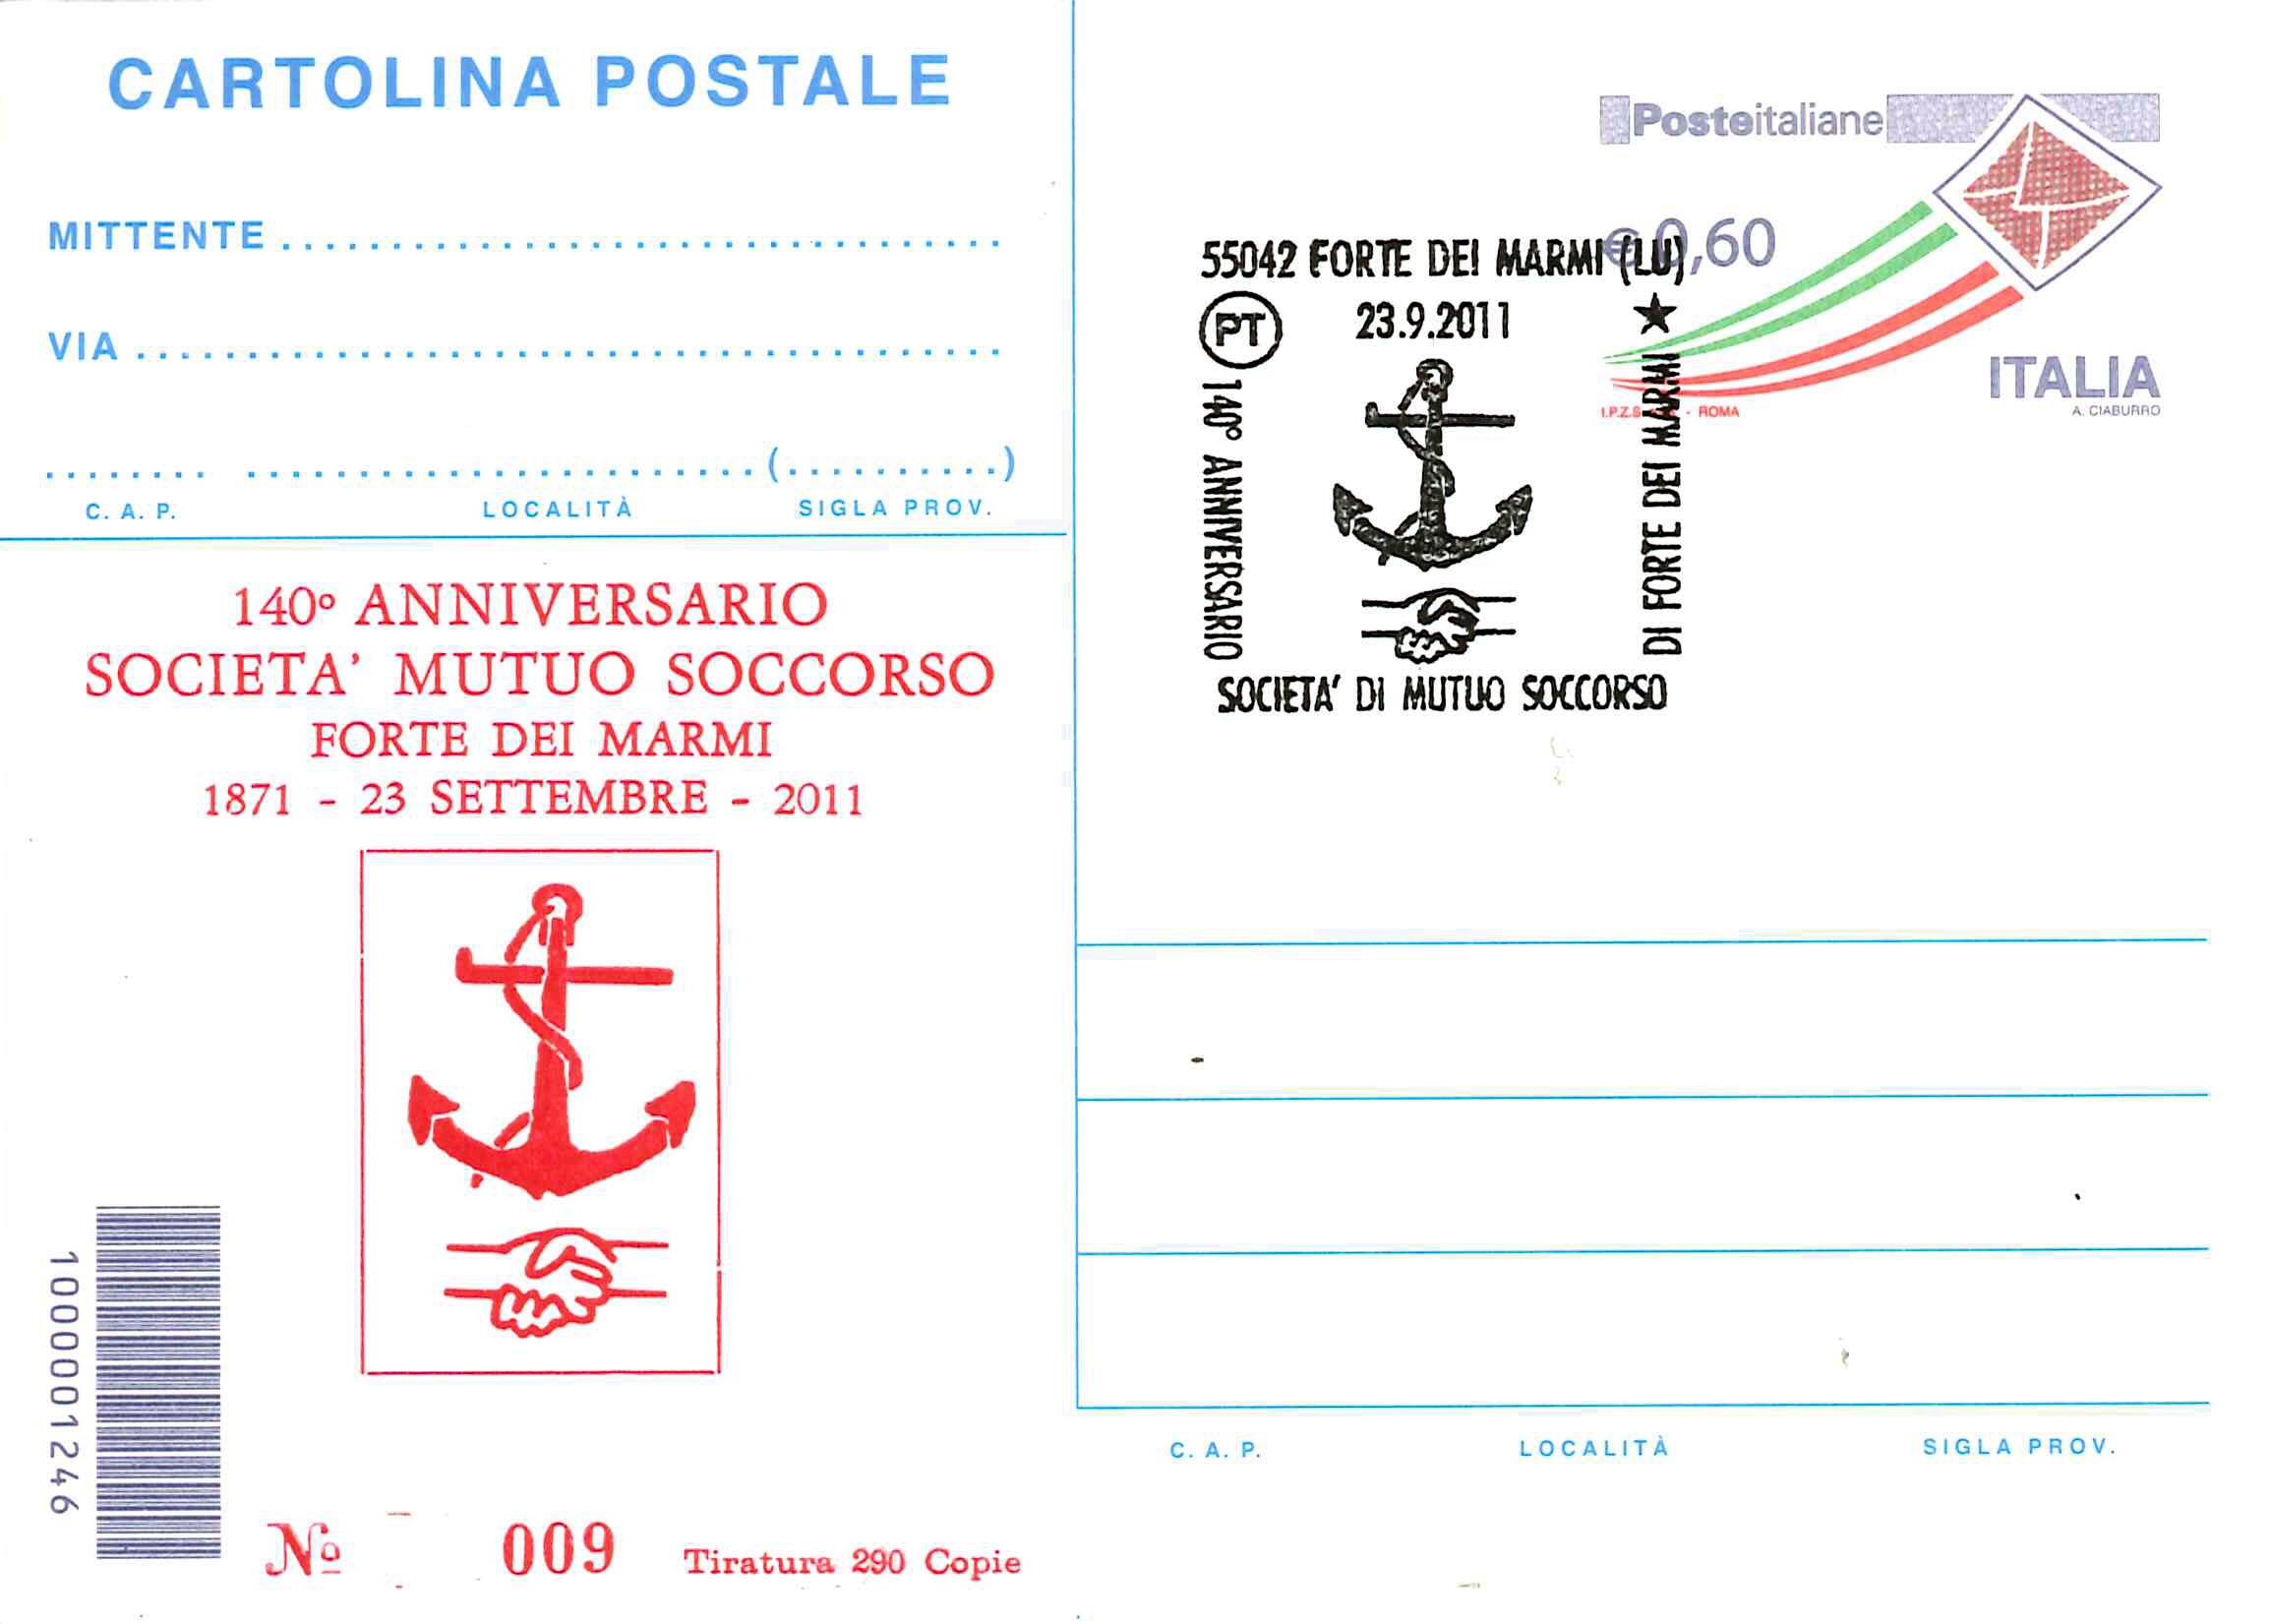 140-ann-soc-mutuo-soccorso-cartolina-postale-fronte